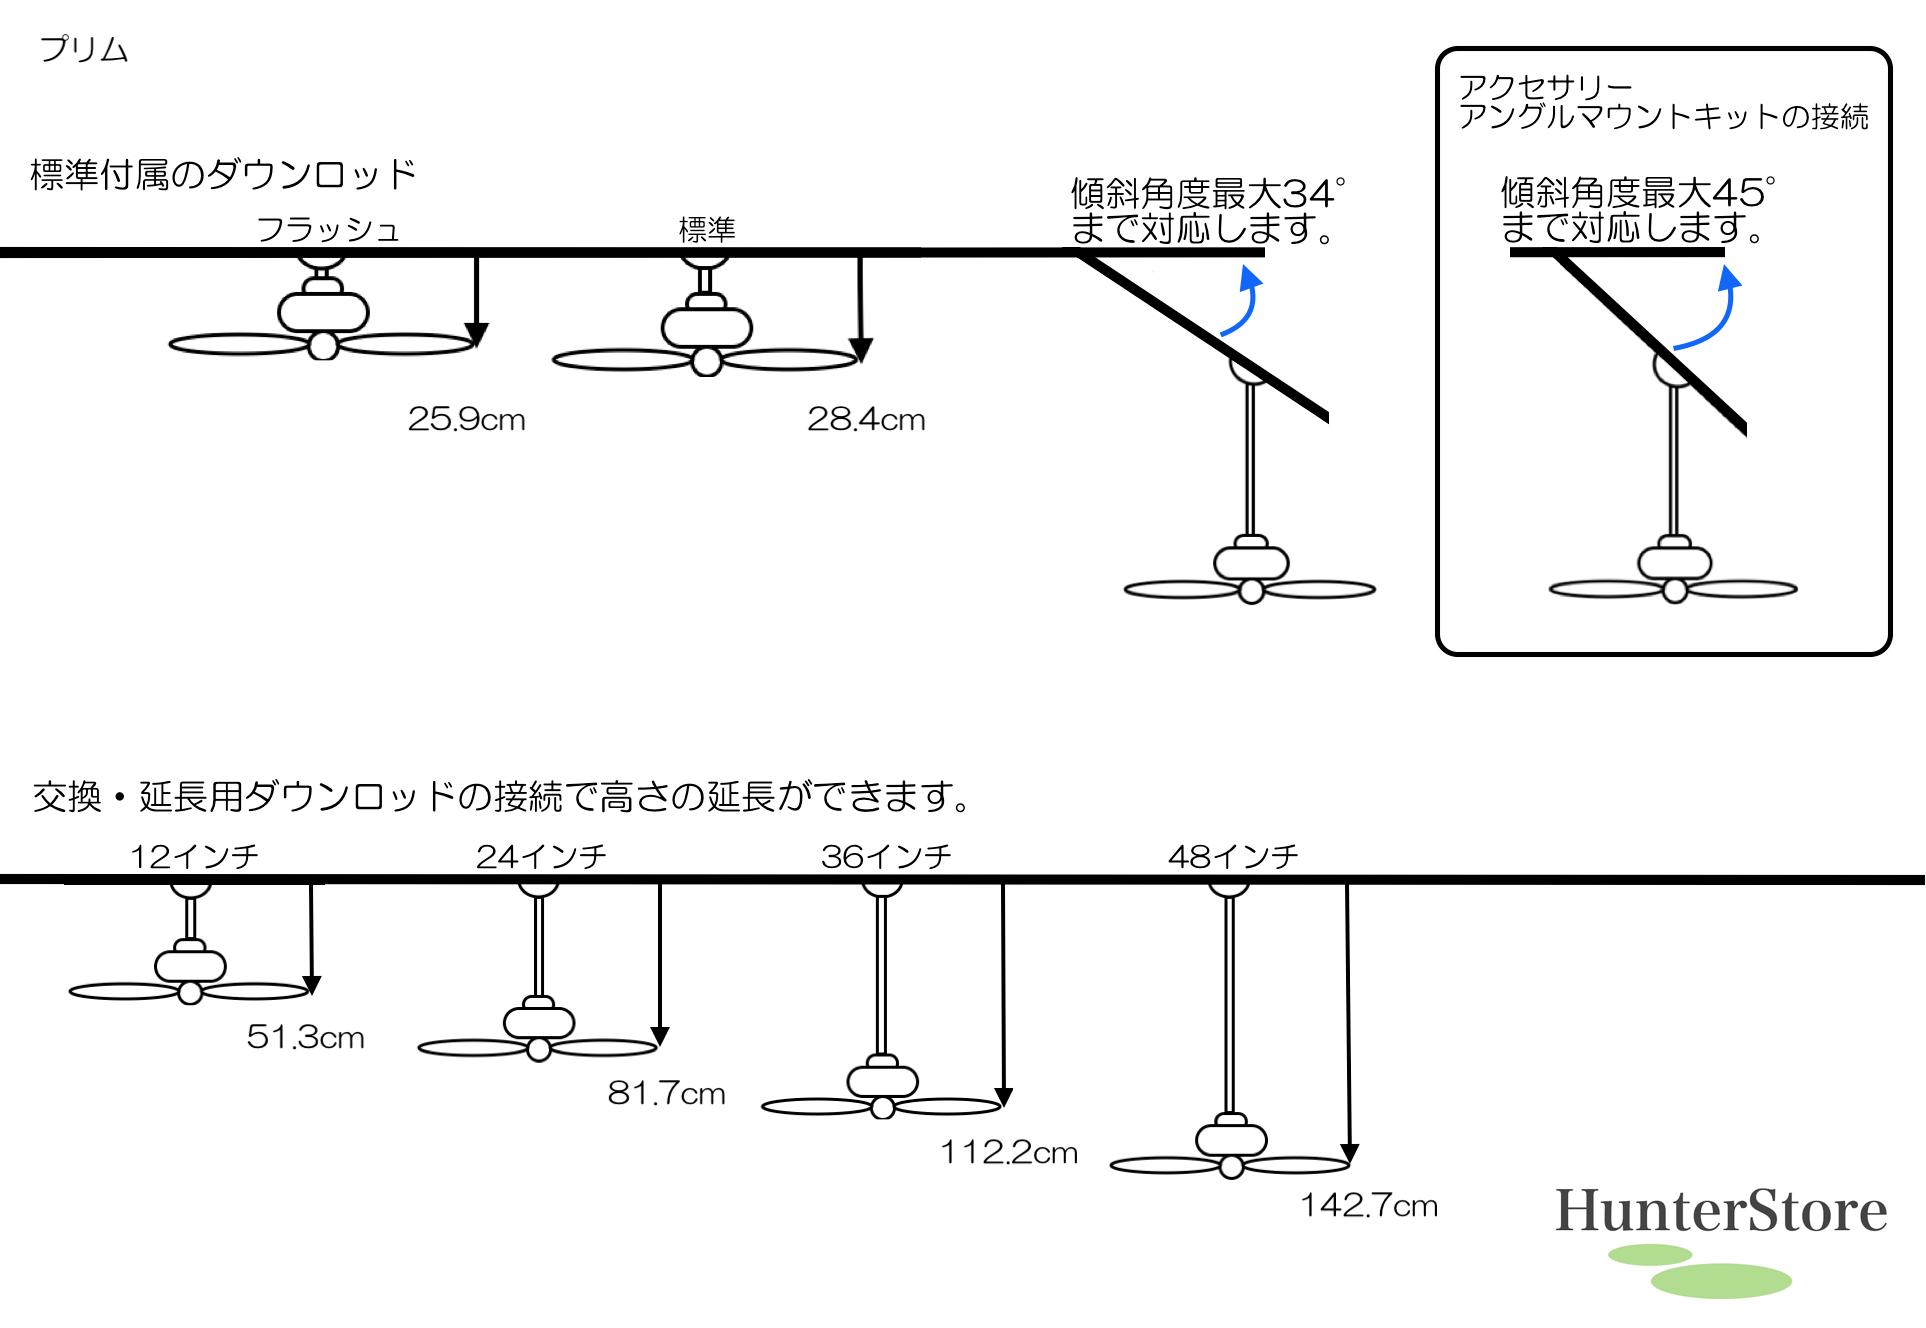 プリム 照明キット無【壁コントローラ・42㌅122cmダウンロッド付】 - 画像2